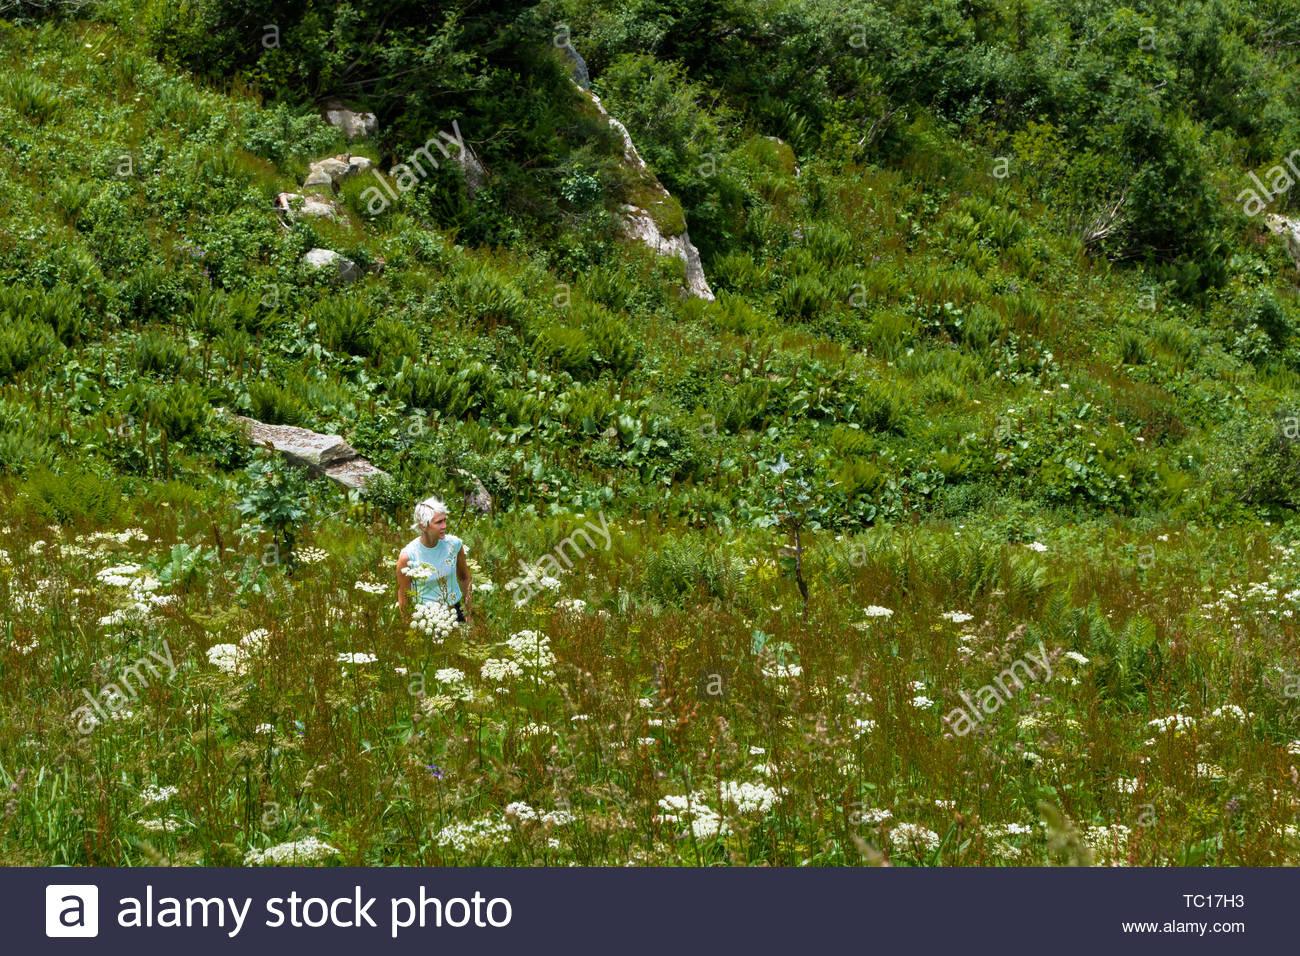 Argentière, France - le 5 juillet 2016: une femme blonde avec de courts cheveux en désordre en manches courtes debout dans une verte et luxuriante prairie de montagne en été Photo Stock